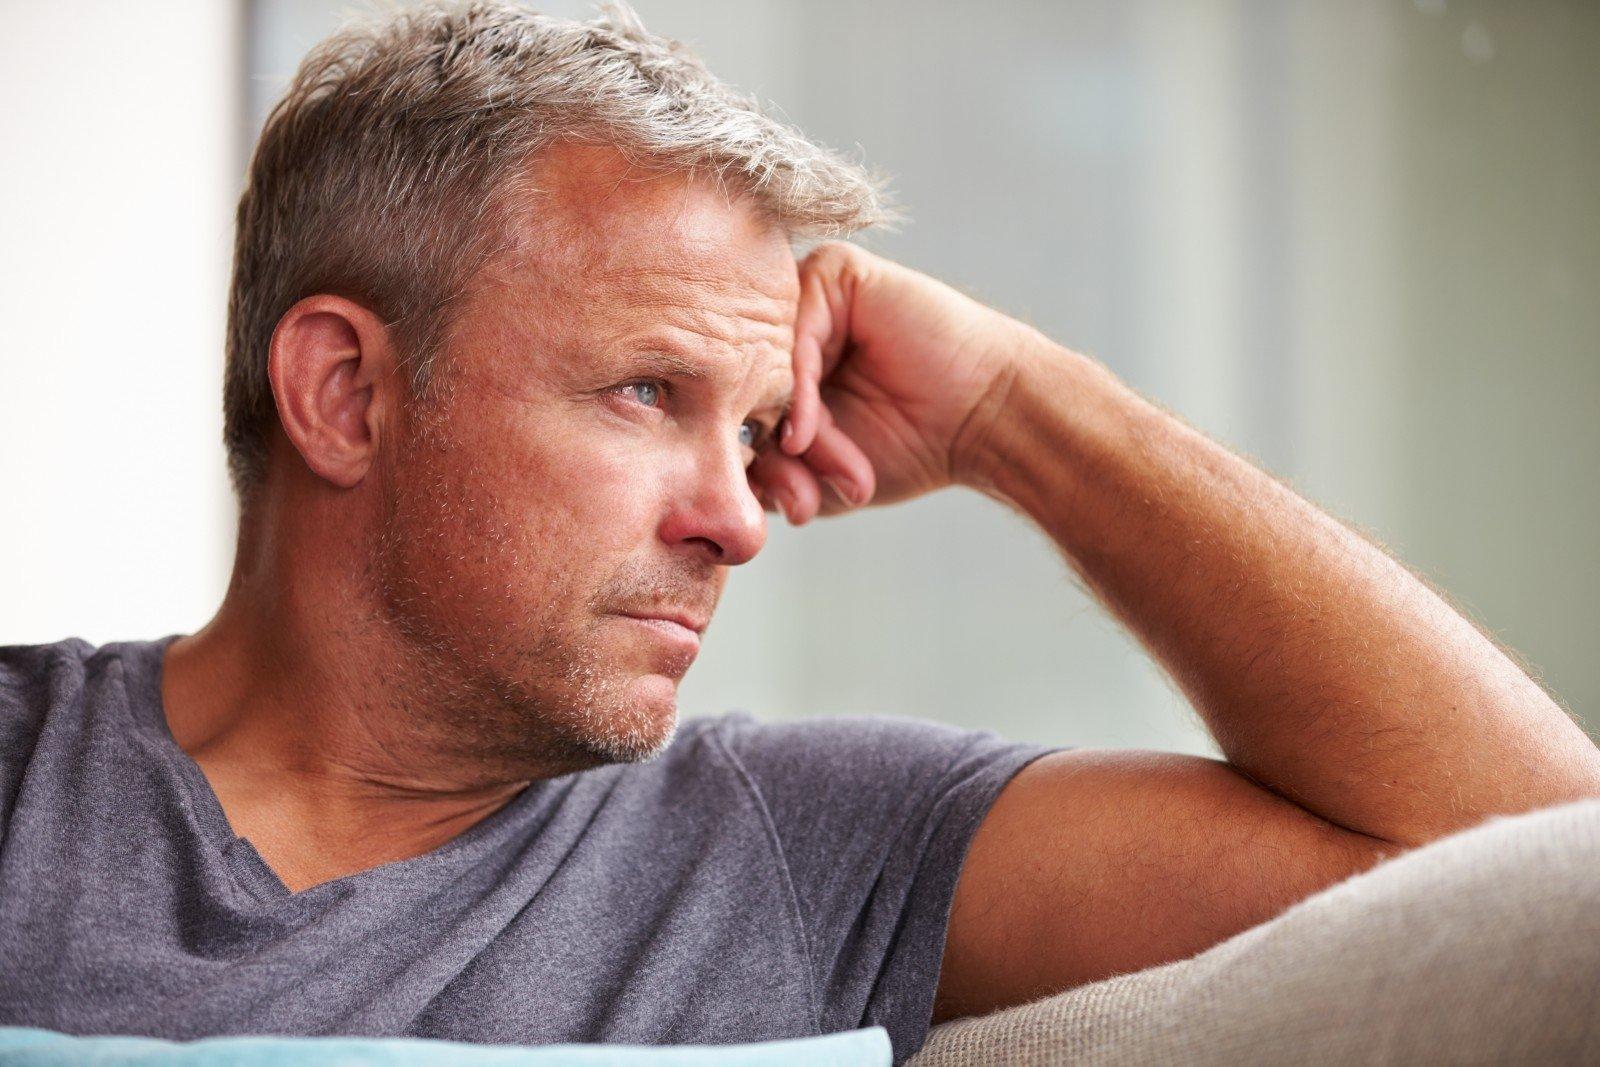 padėti sugrąžinti erekciją kegelio pratimai erekcijai pagerinti